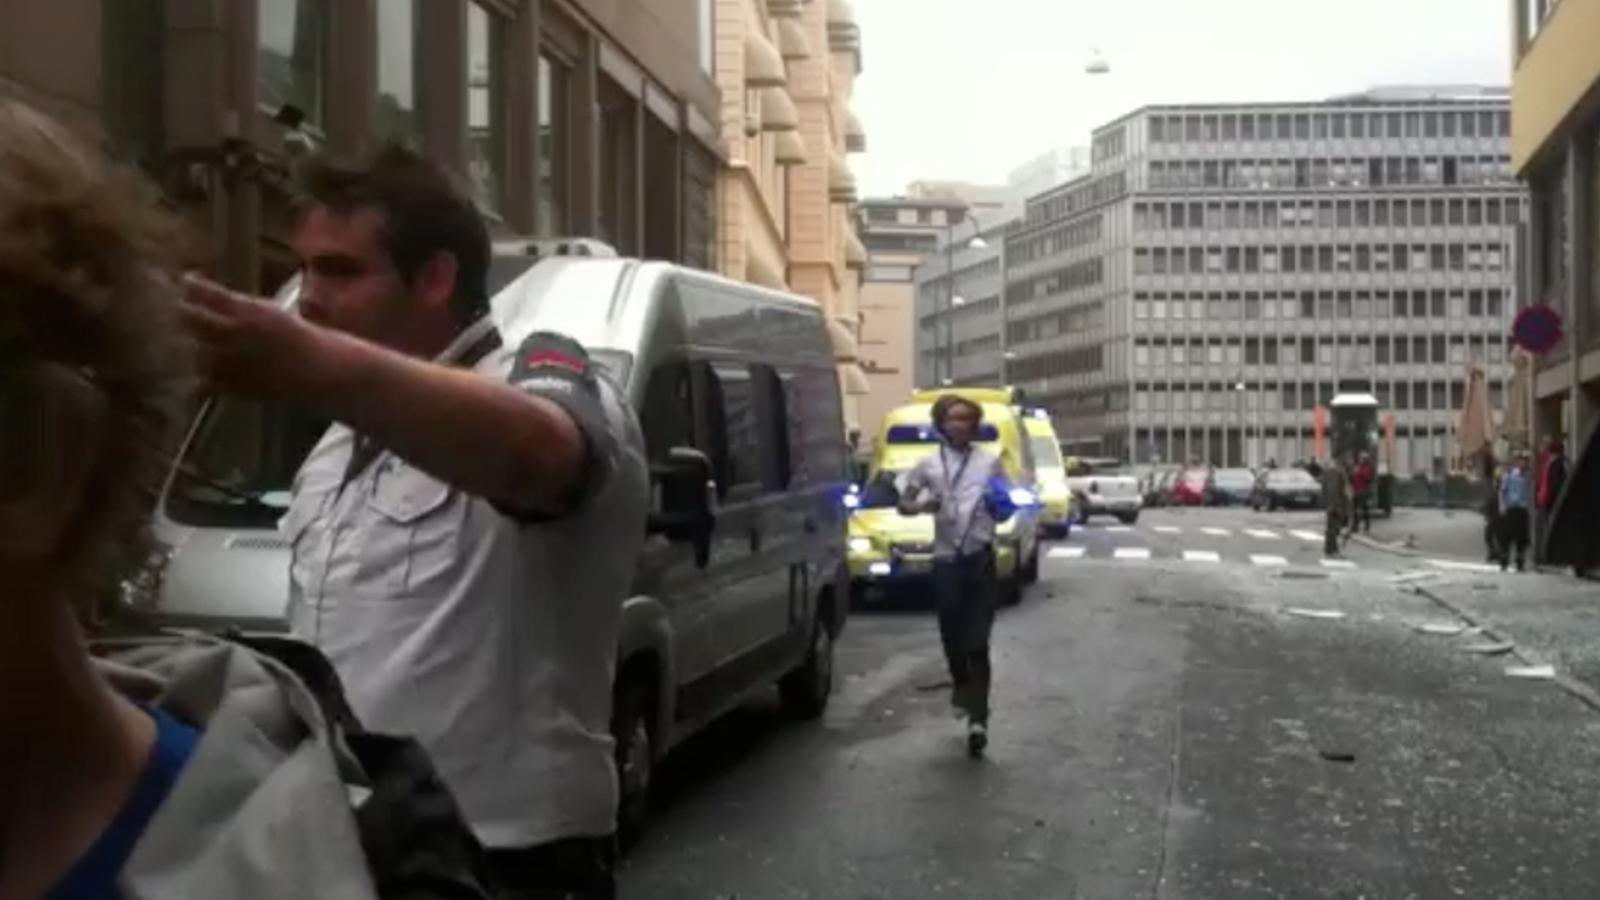 Les primeres reaccions després de l'explosió a Oslo